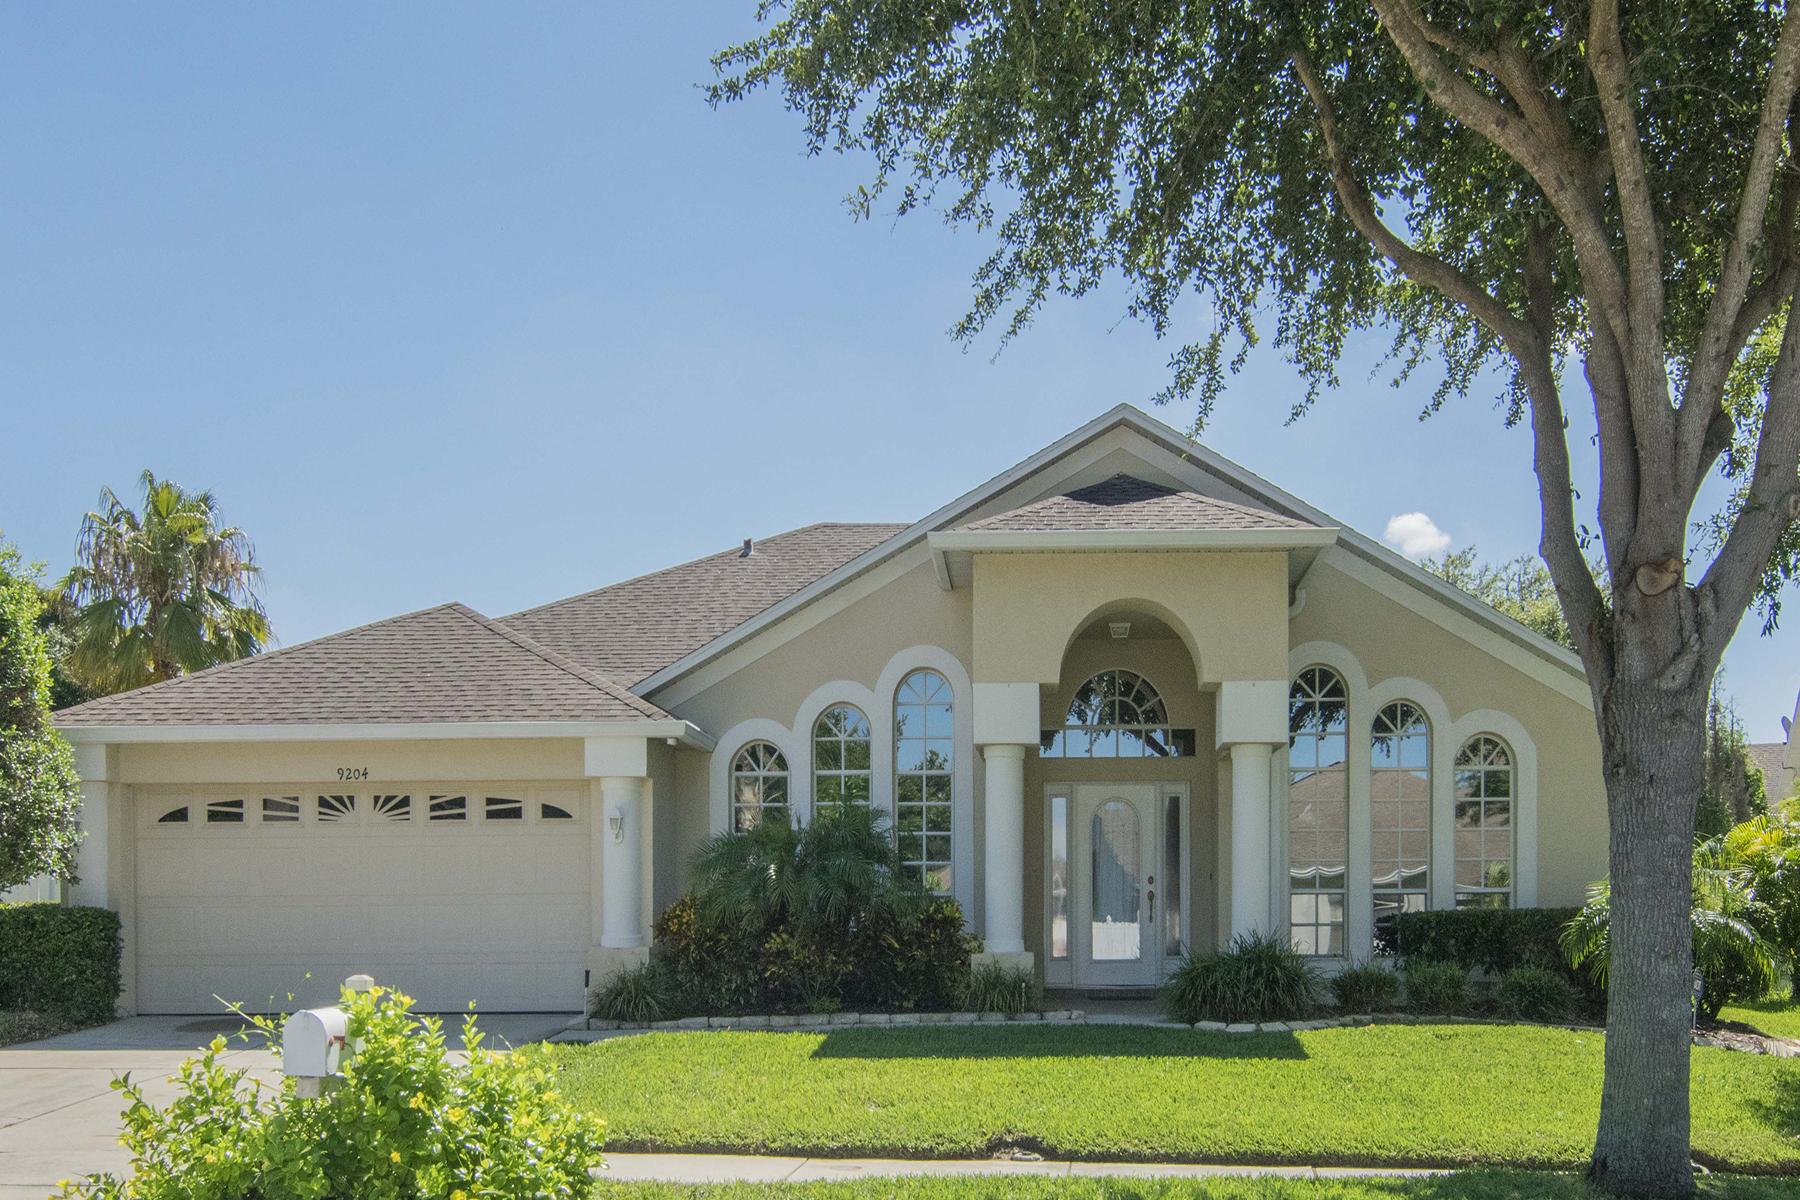 Moradia para Venda às RIVERVIEW 9204 Estate Cove Cir Riverview, Florida 33578 Estados Unidos